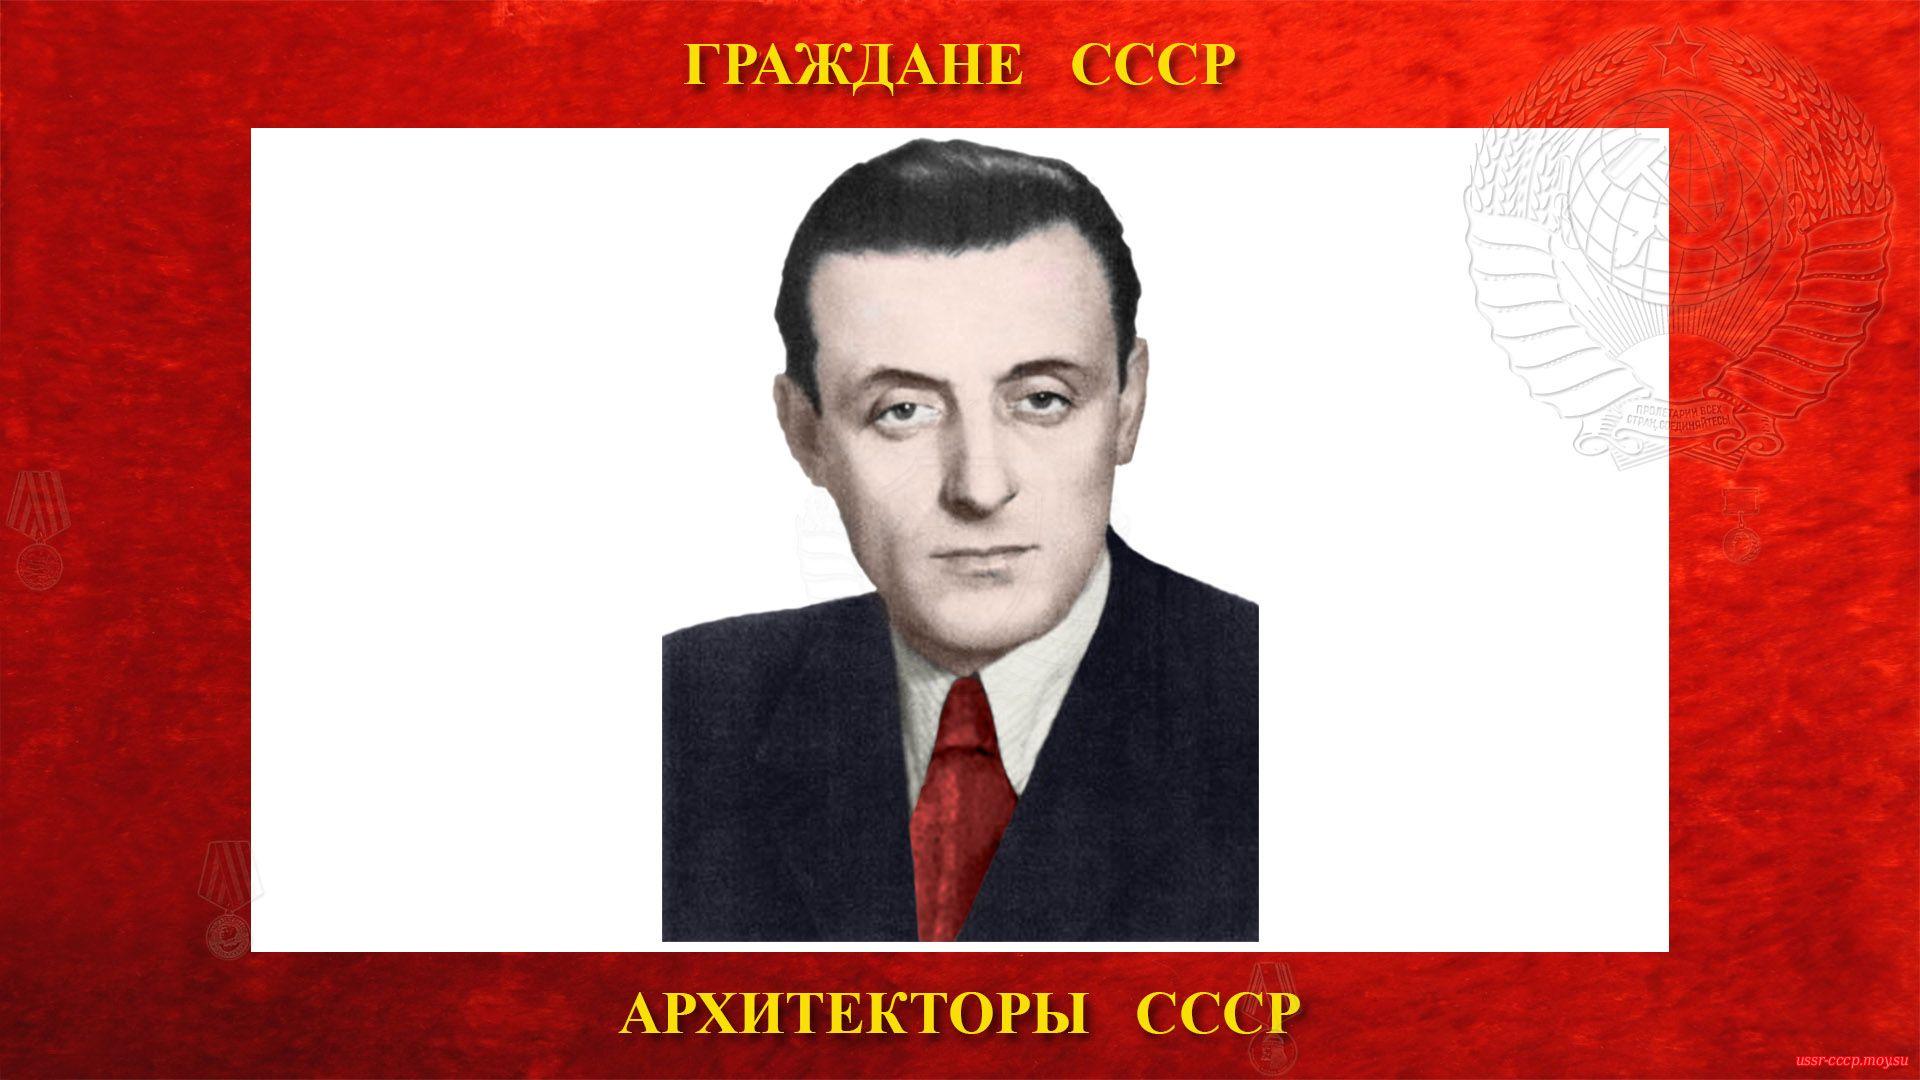 Минкус Михаил (Моисей) Адольфович(биография)